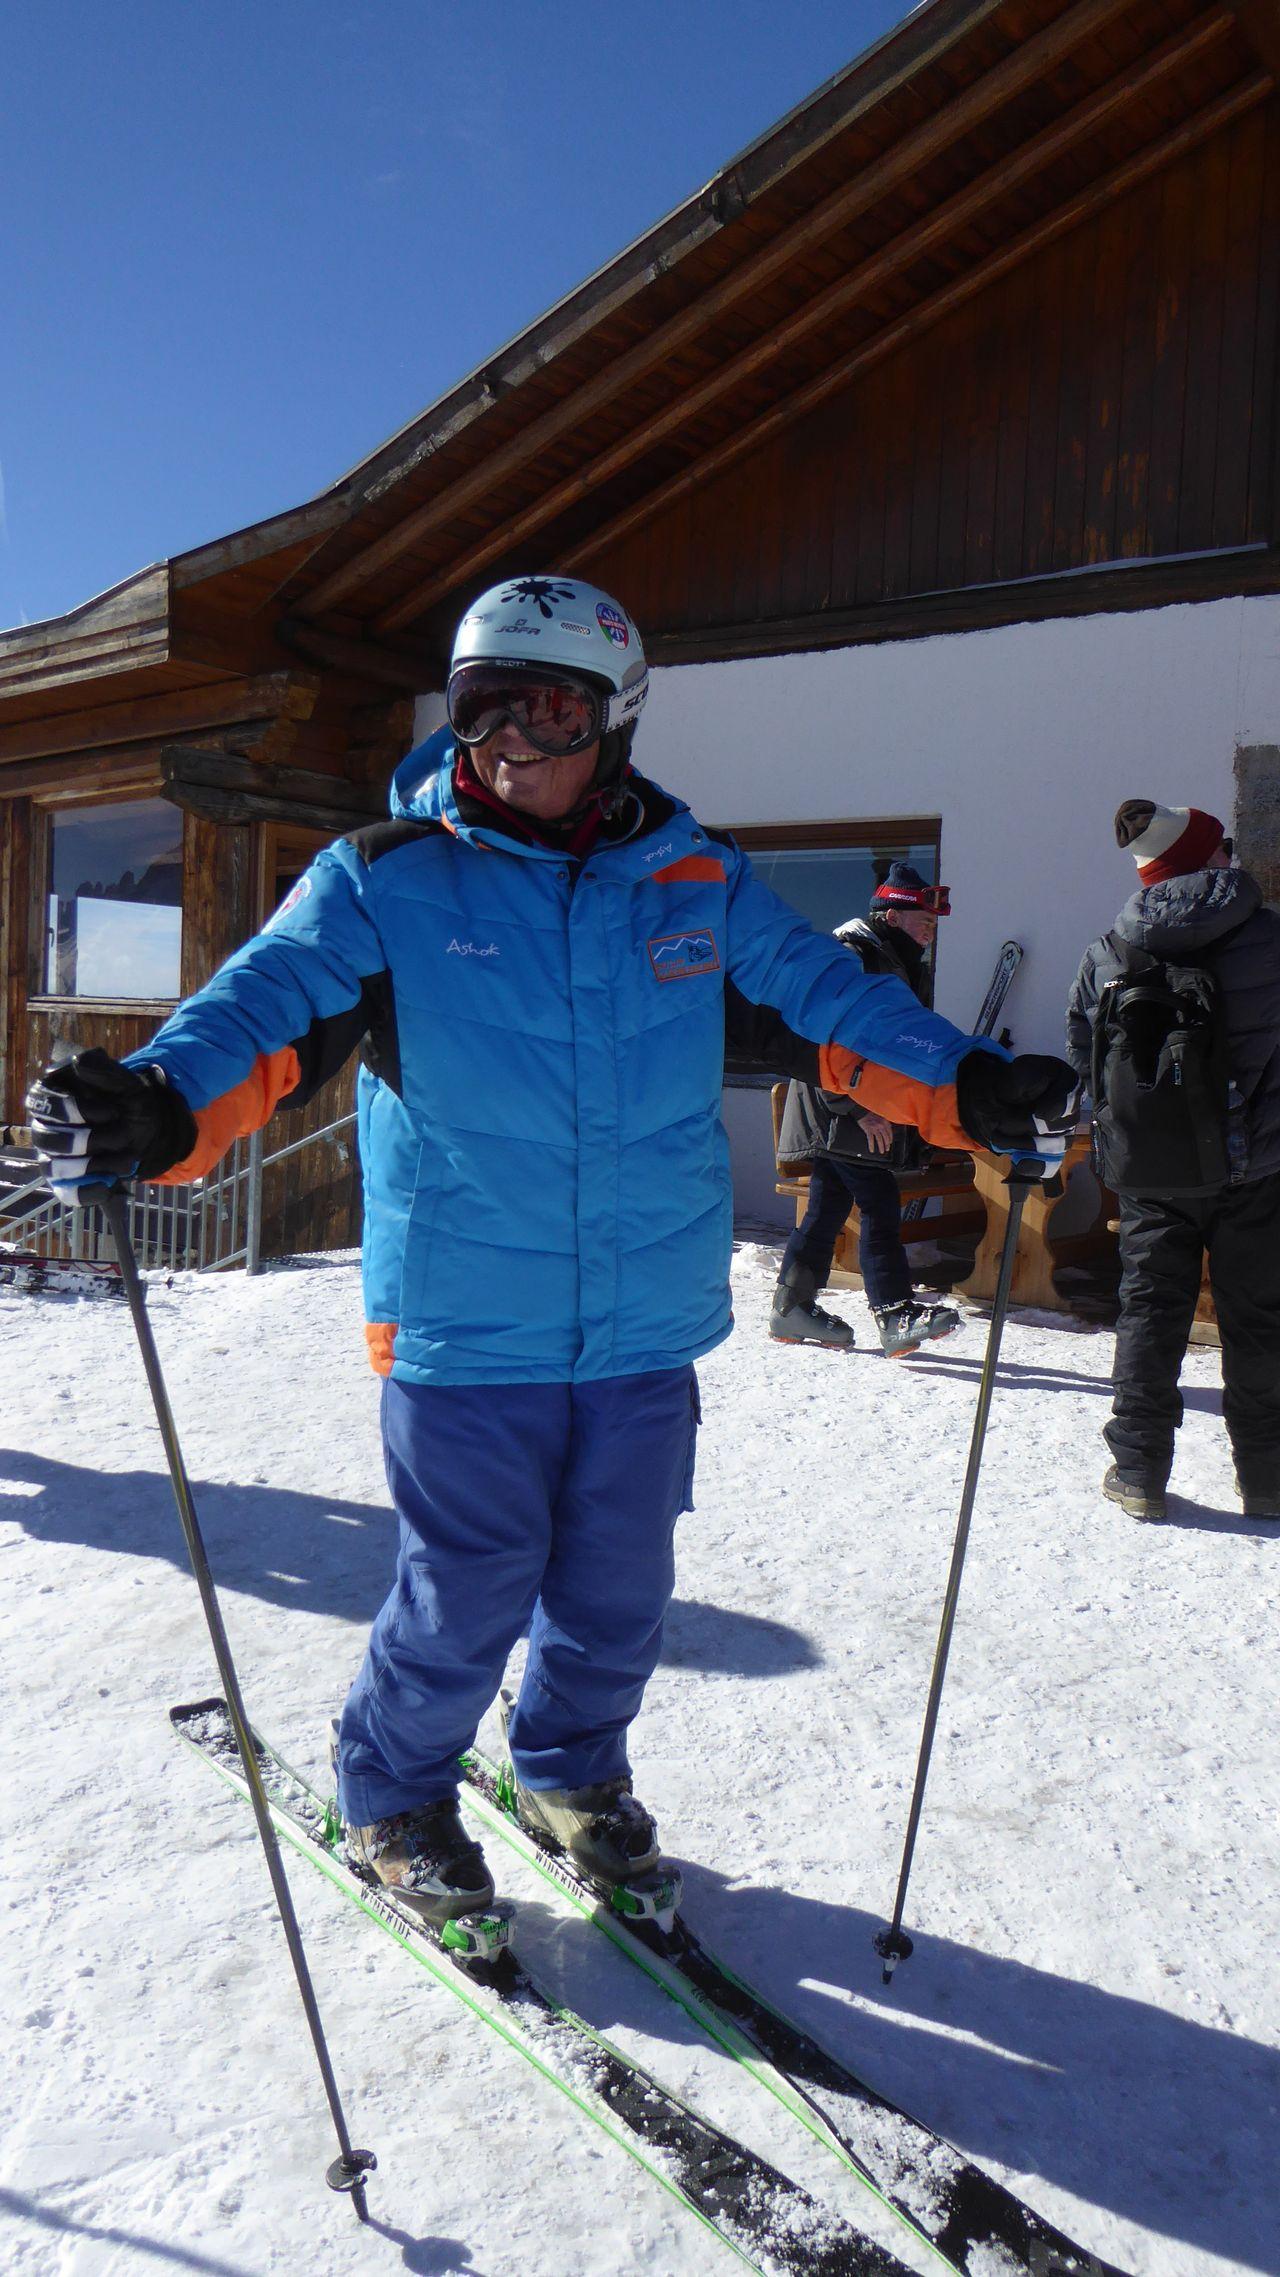 034-Dolomites-2019-Mardi